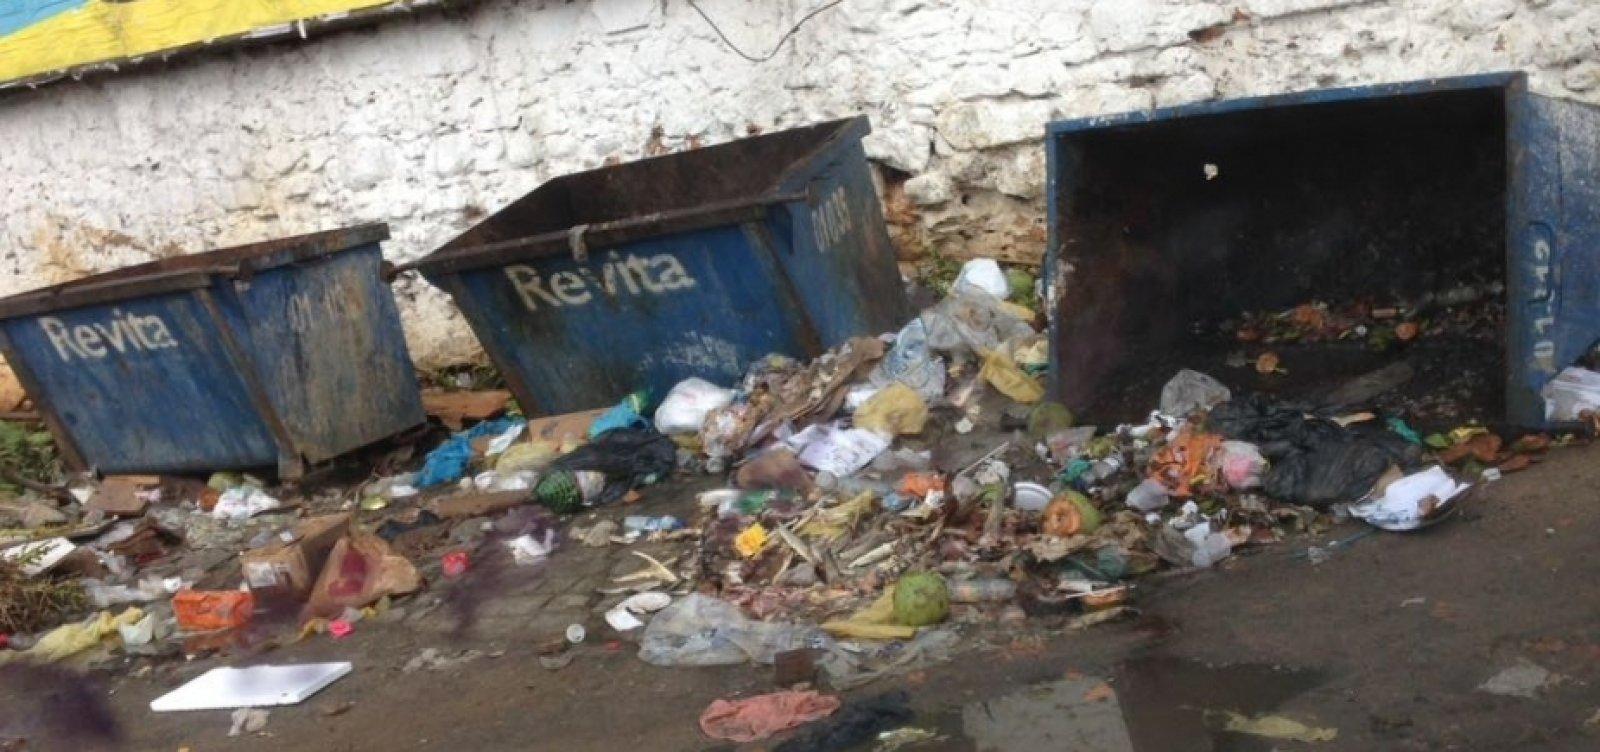 Salvador: seis em cada dez bairros têm qualidade urbana de regular a ruim